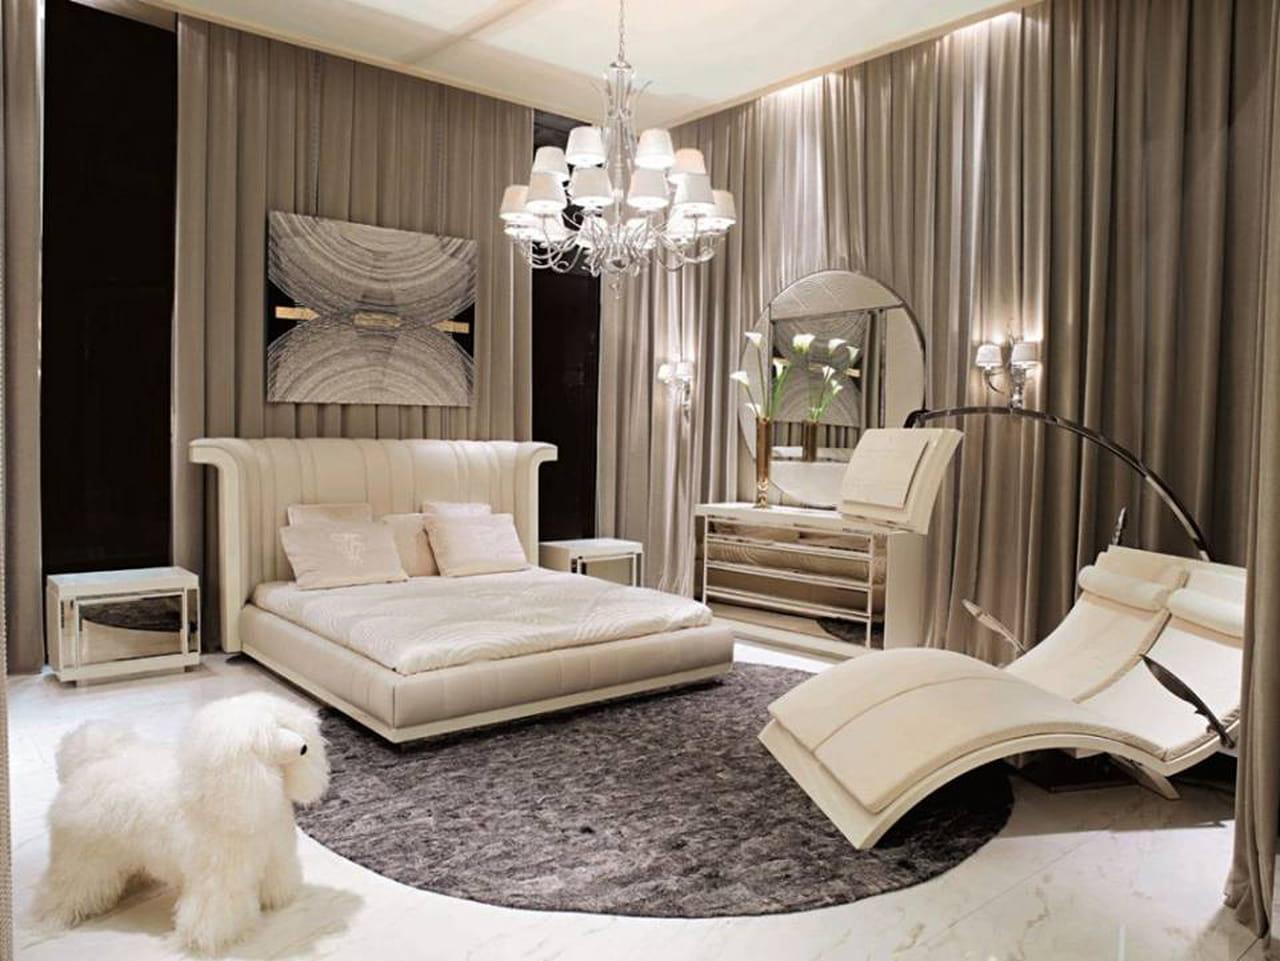 تصميمات راقية لديكور المنزل مستوحاة من تصميمات الفنادق الفاخرة